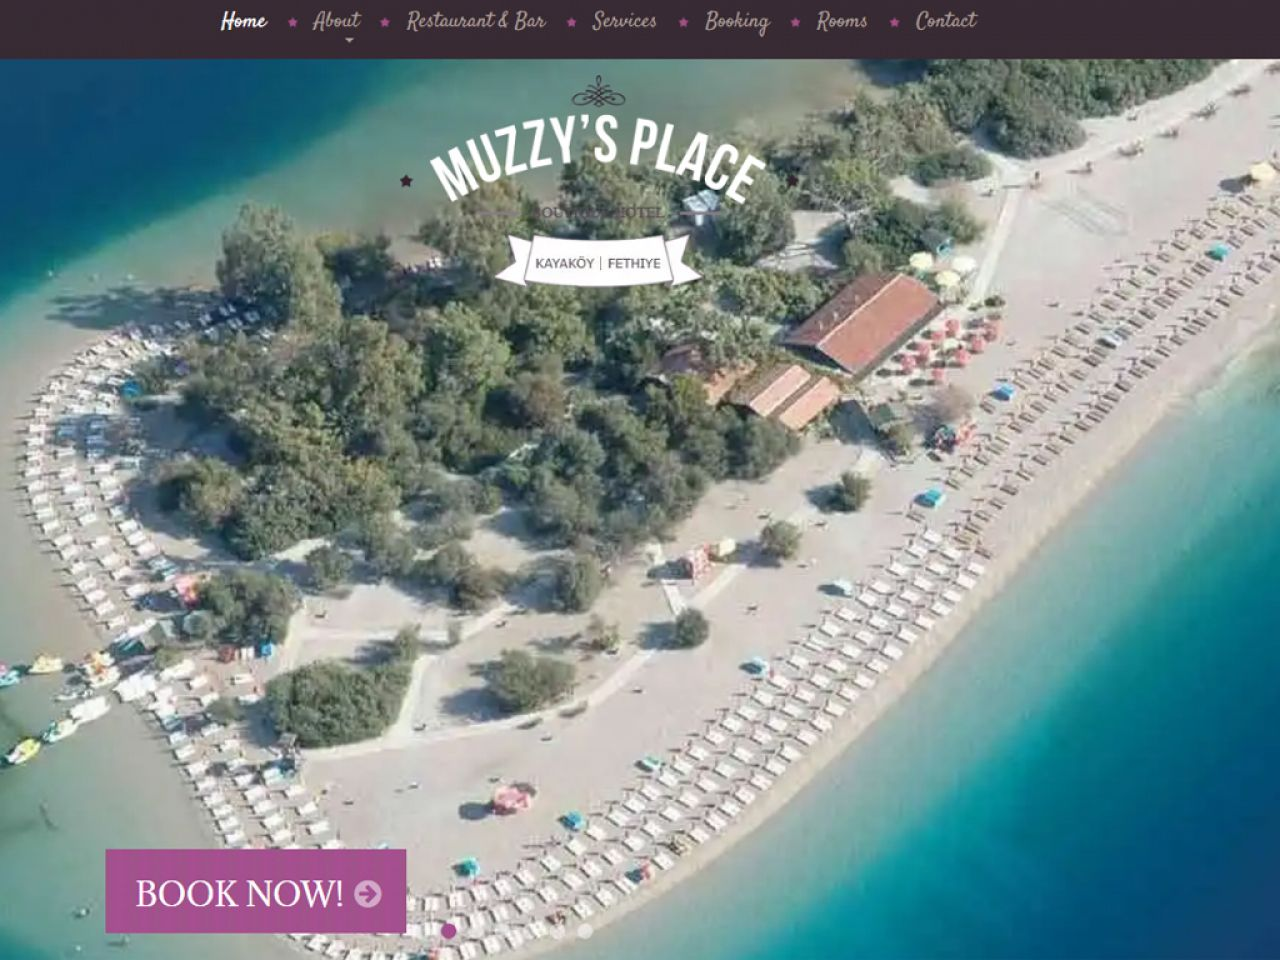 Muzzy's Place Kayaköy